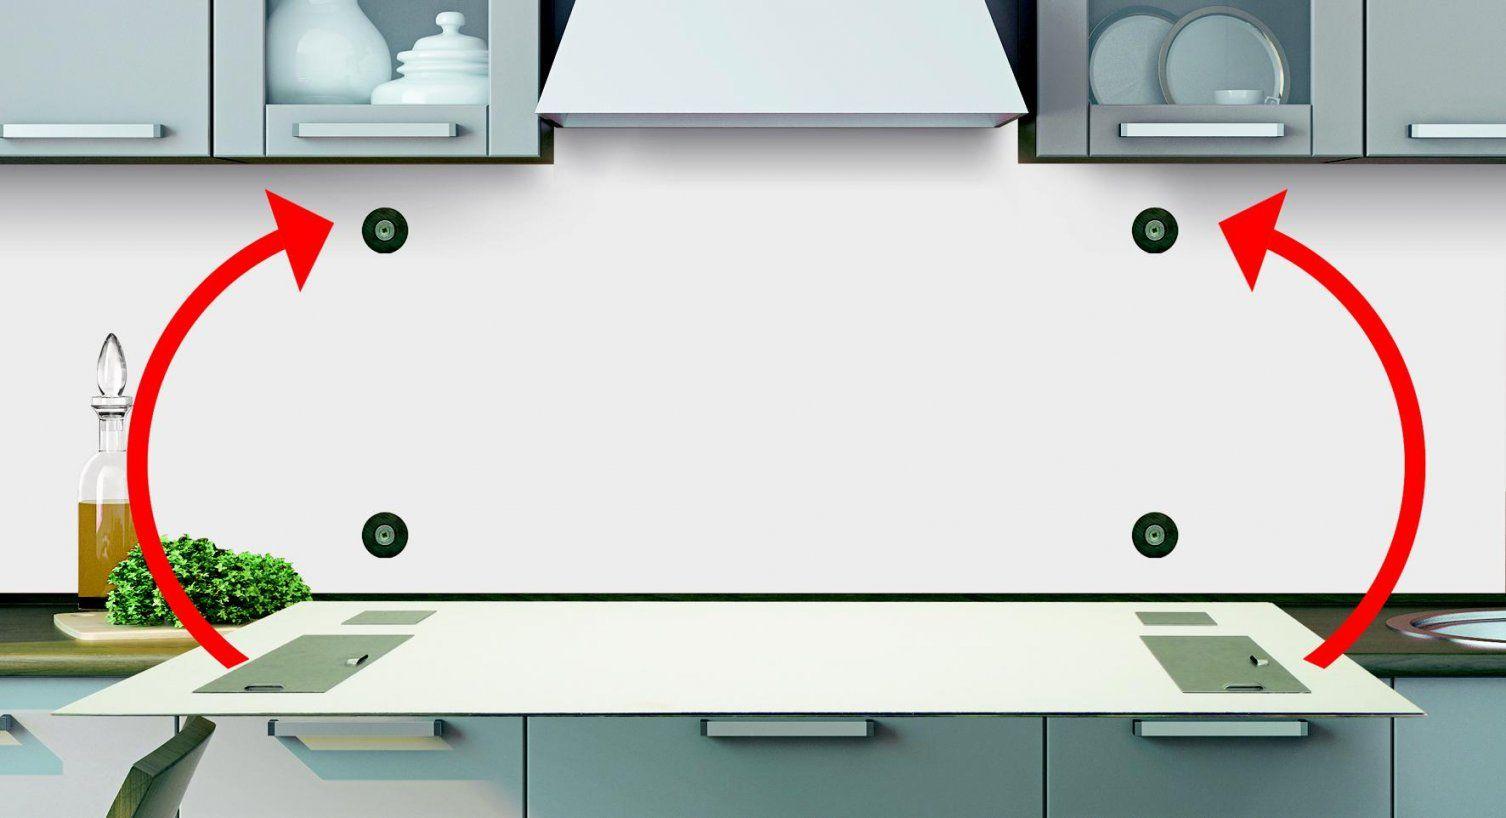 Anleitung Fachgerechte Befestigung Küchenrückwand  Frag Mutti von Spritzschutz Küche Plexiglas Selber Machen Photo